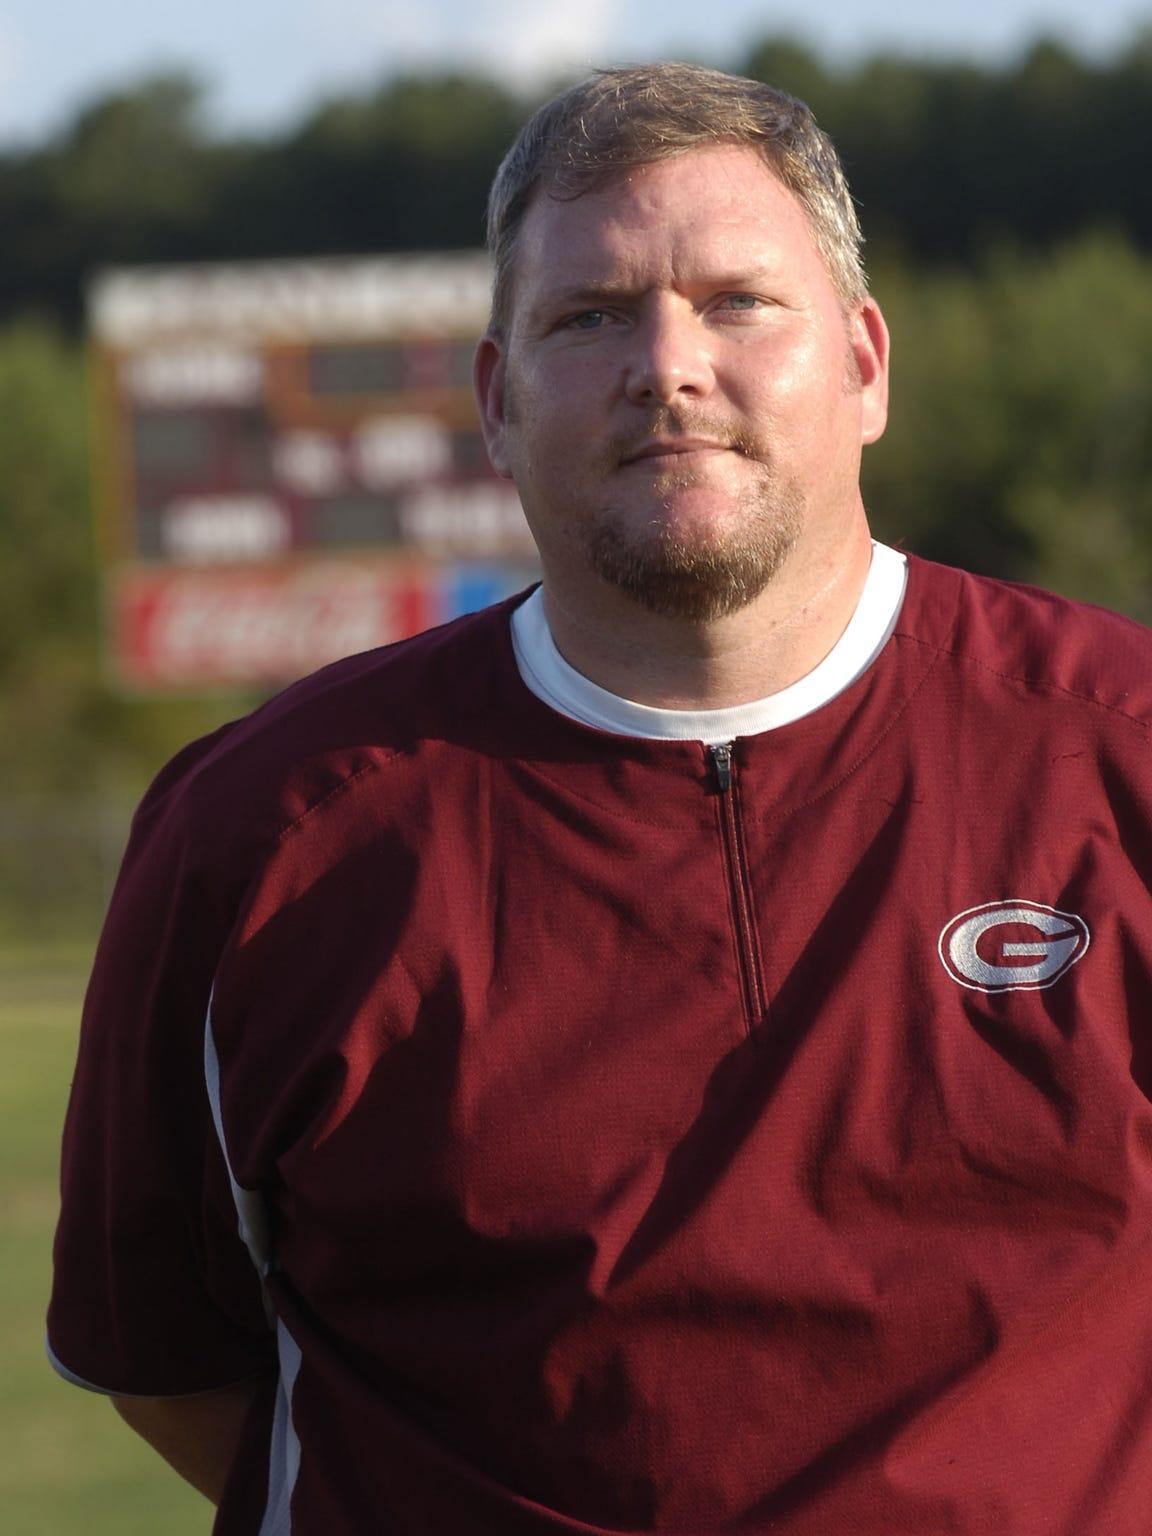 Chad Harkins